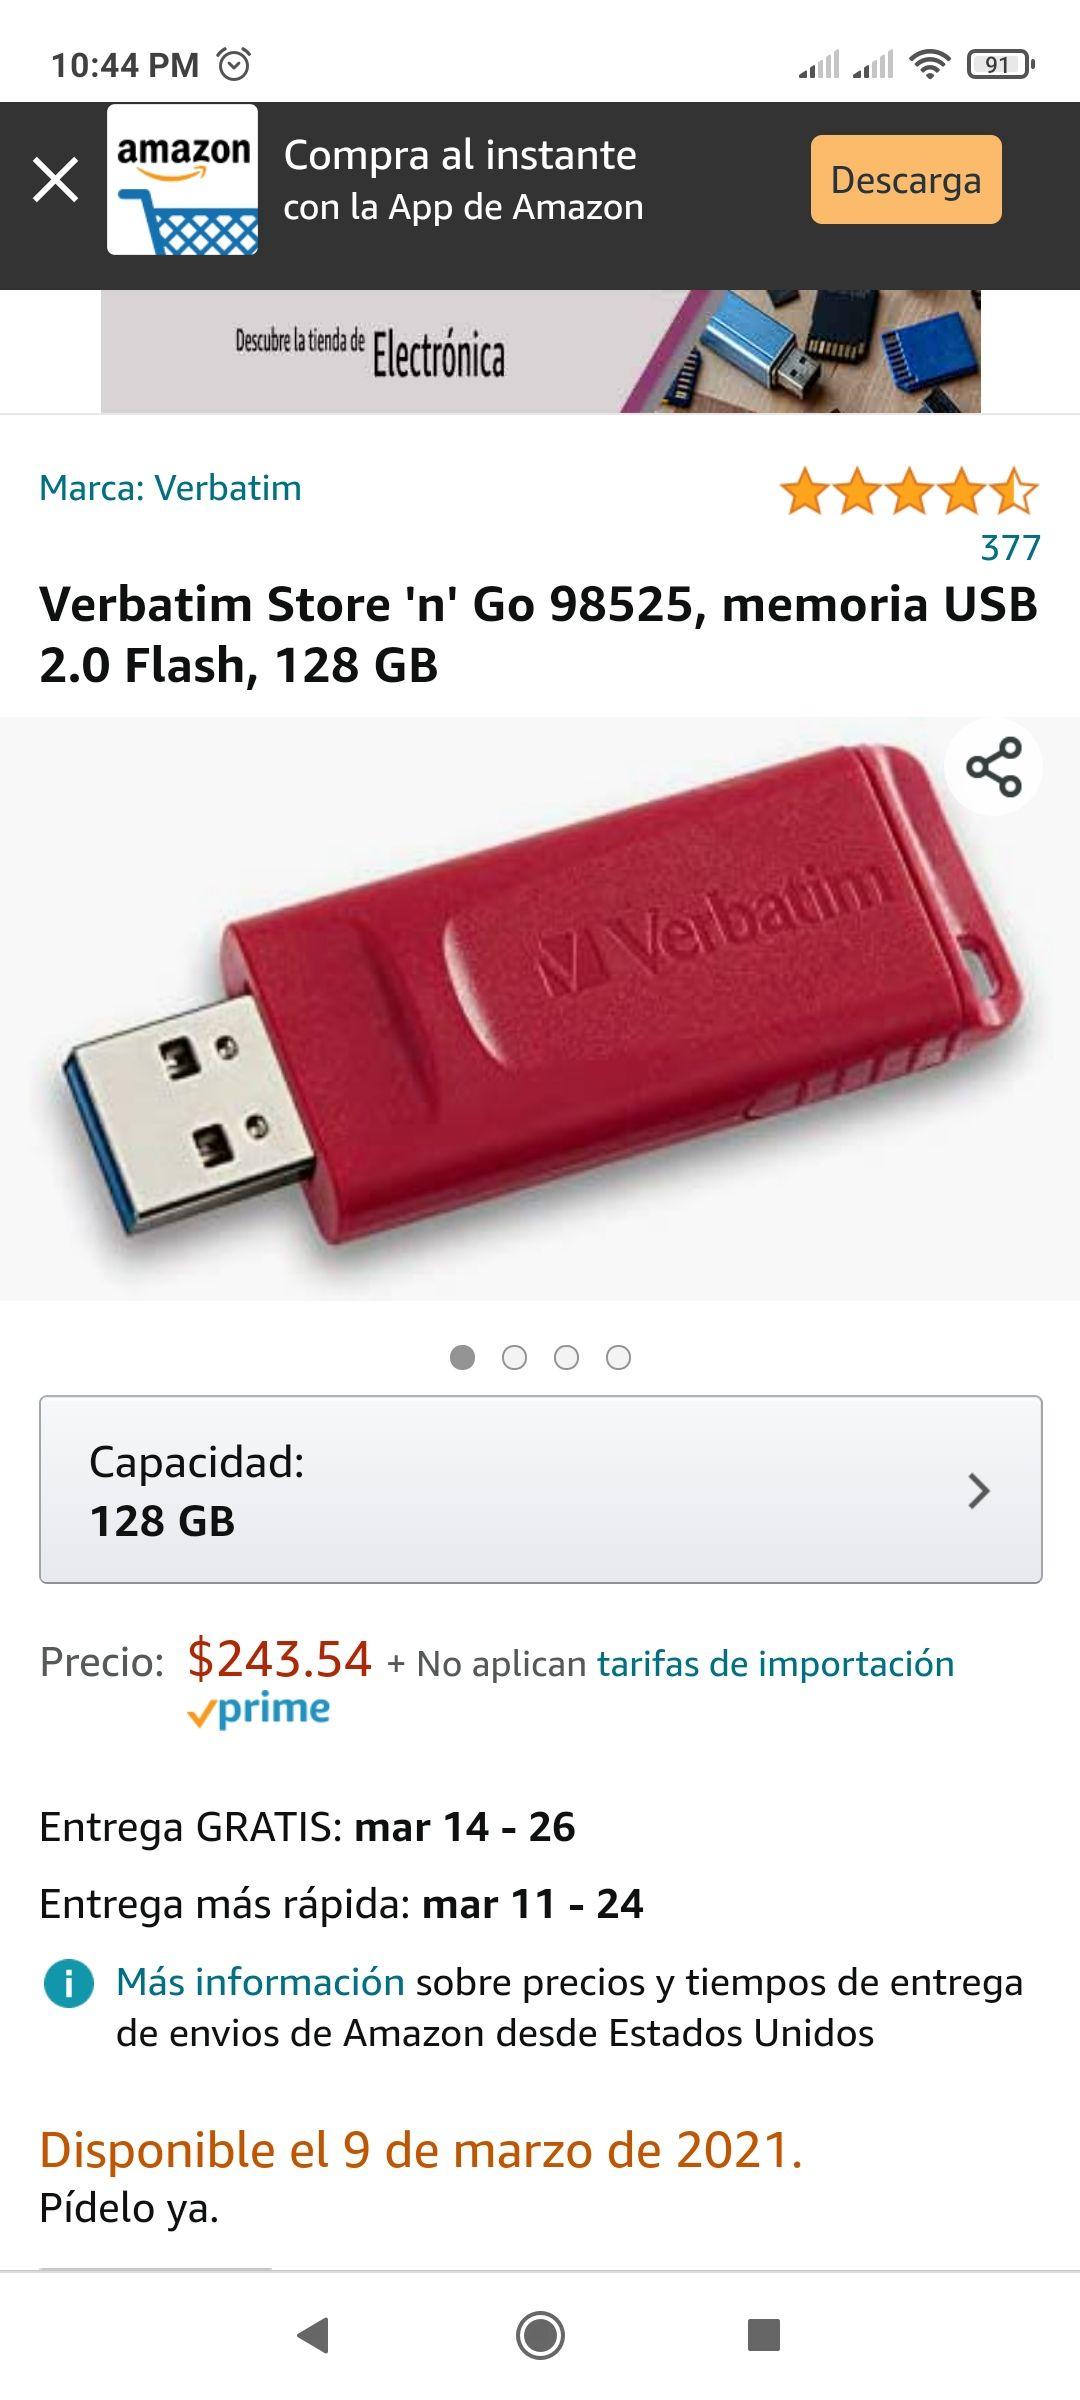 Amazon: memoria USB 2.0 Flash, 128 GB